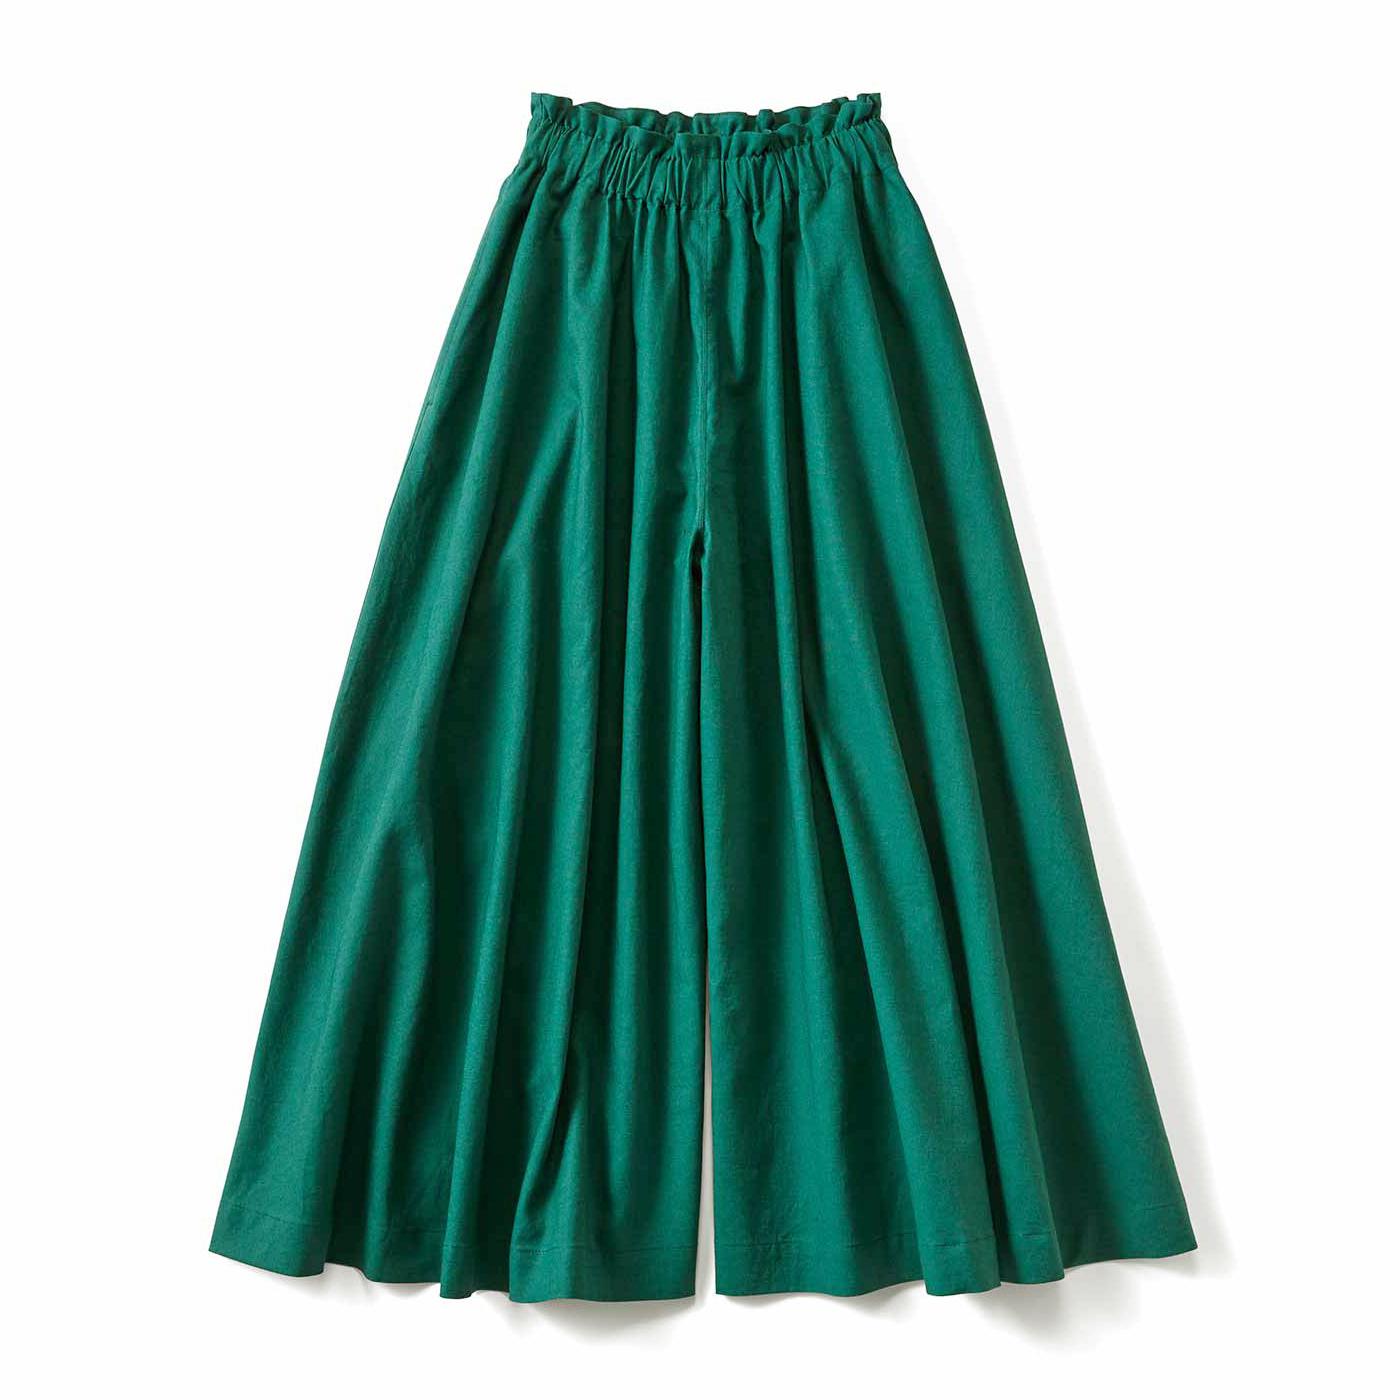 スカートみたいなガウチョパンツ〈グリーン〉